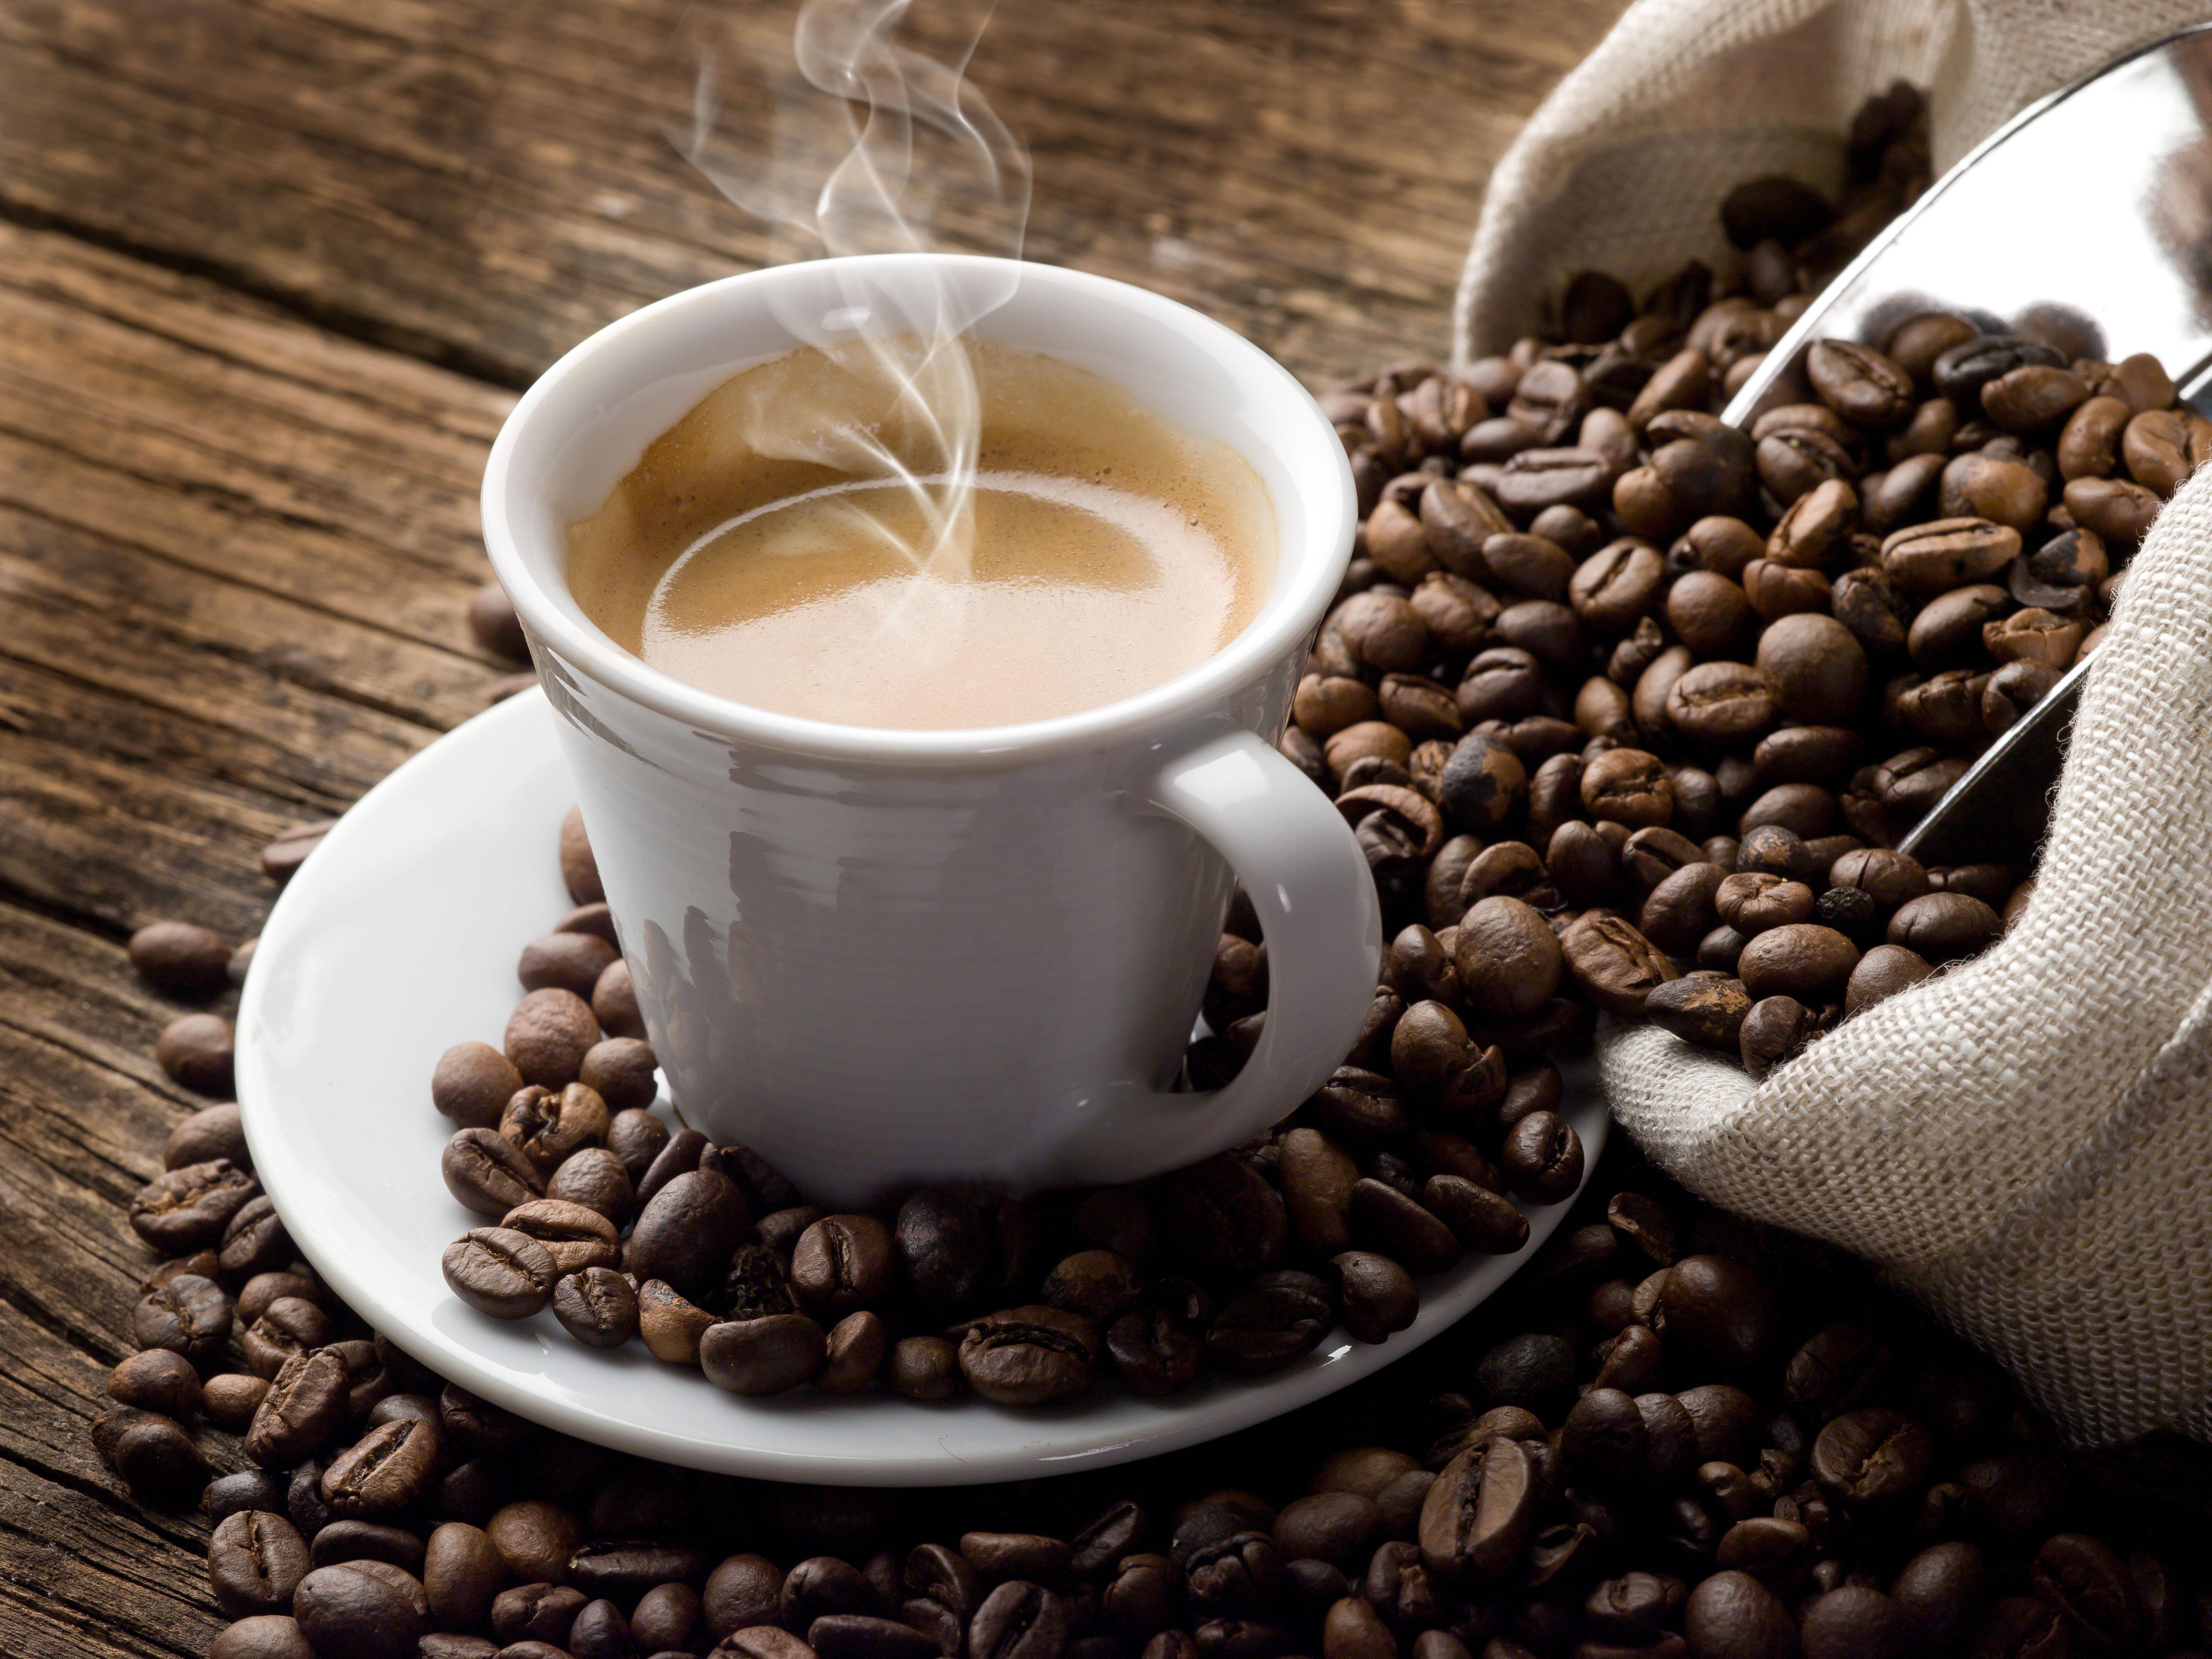 ¿Sueles tomar bebidas energéticas, café o té?